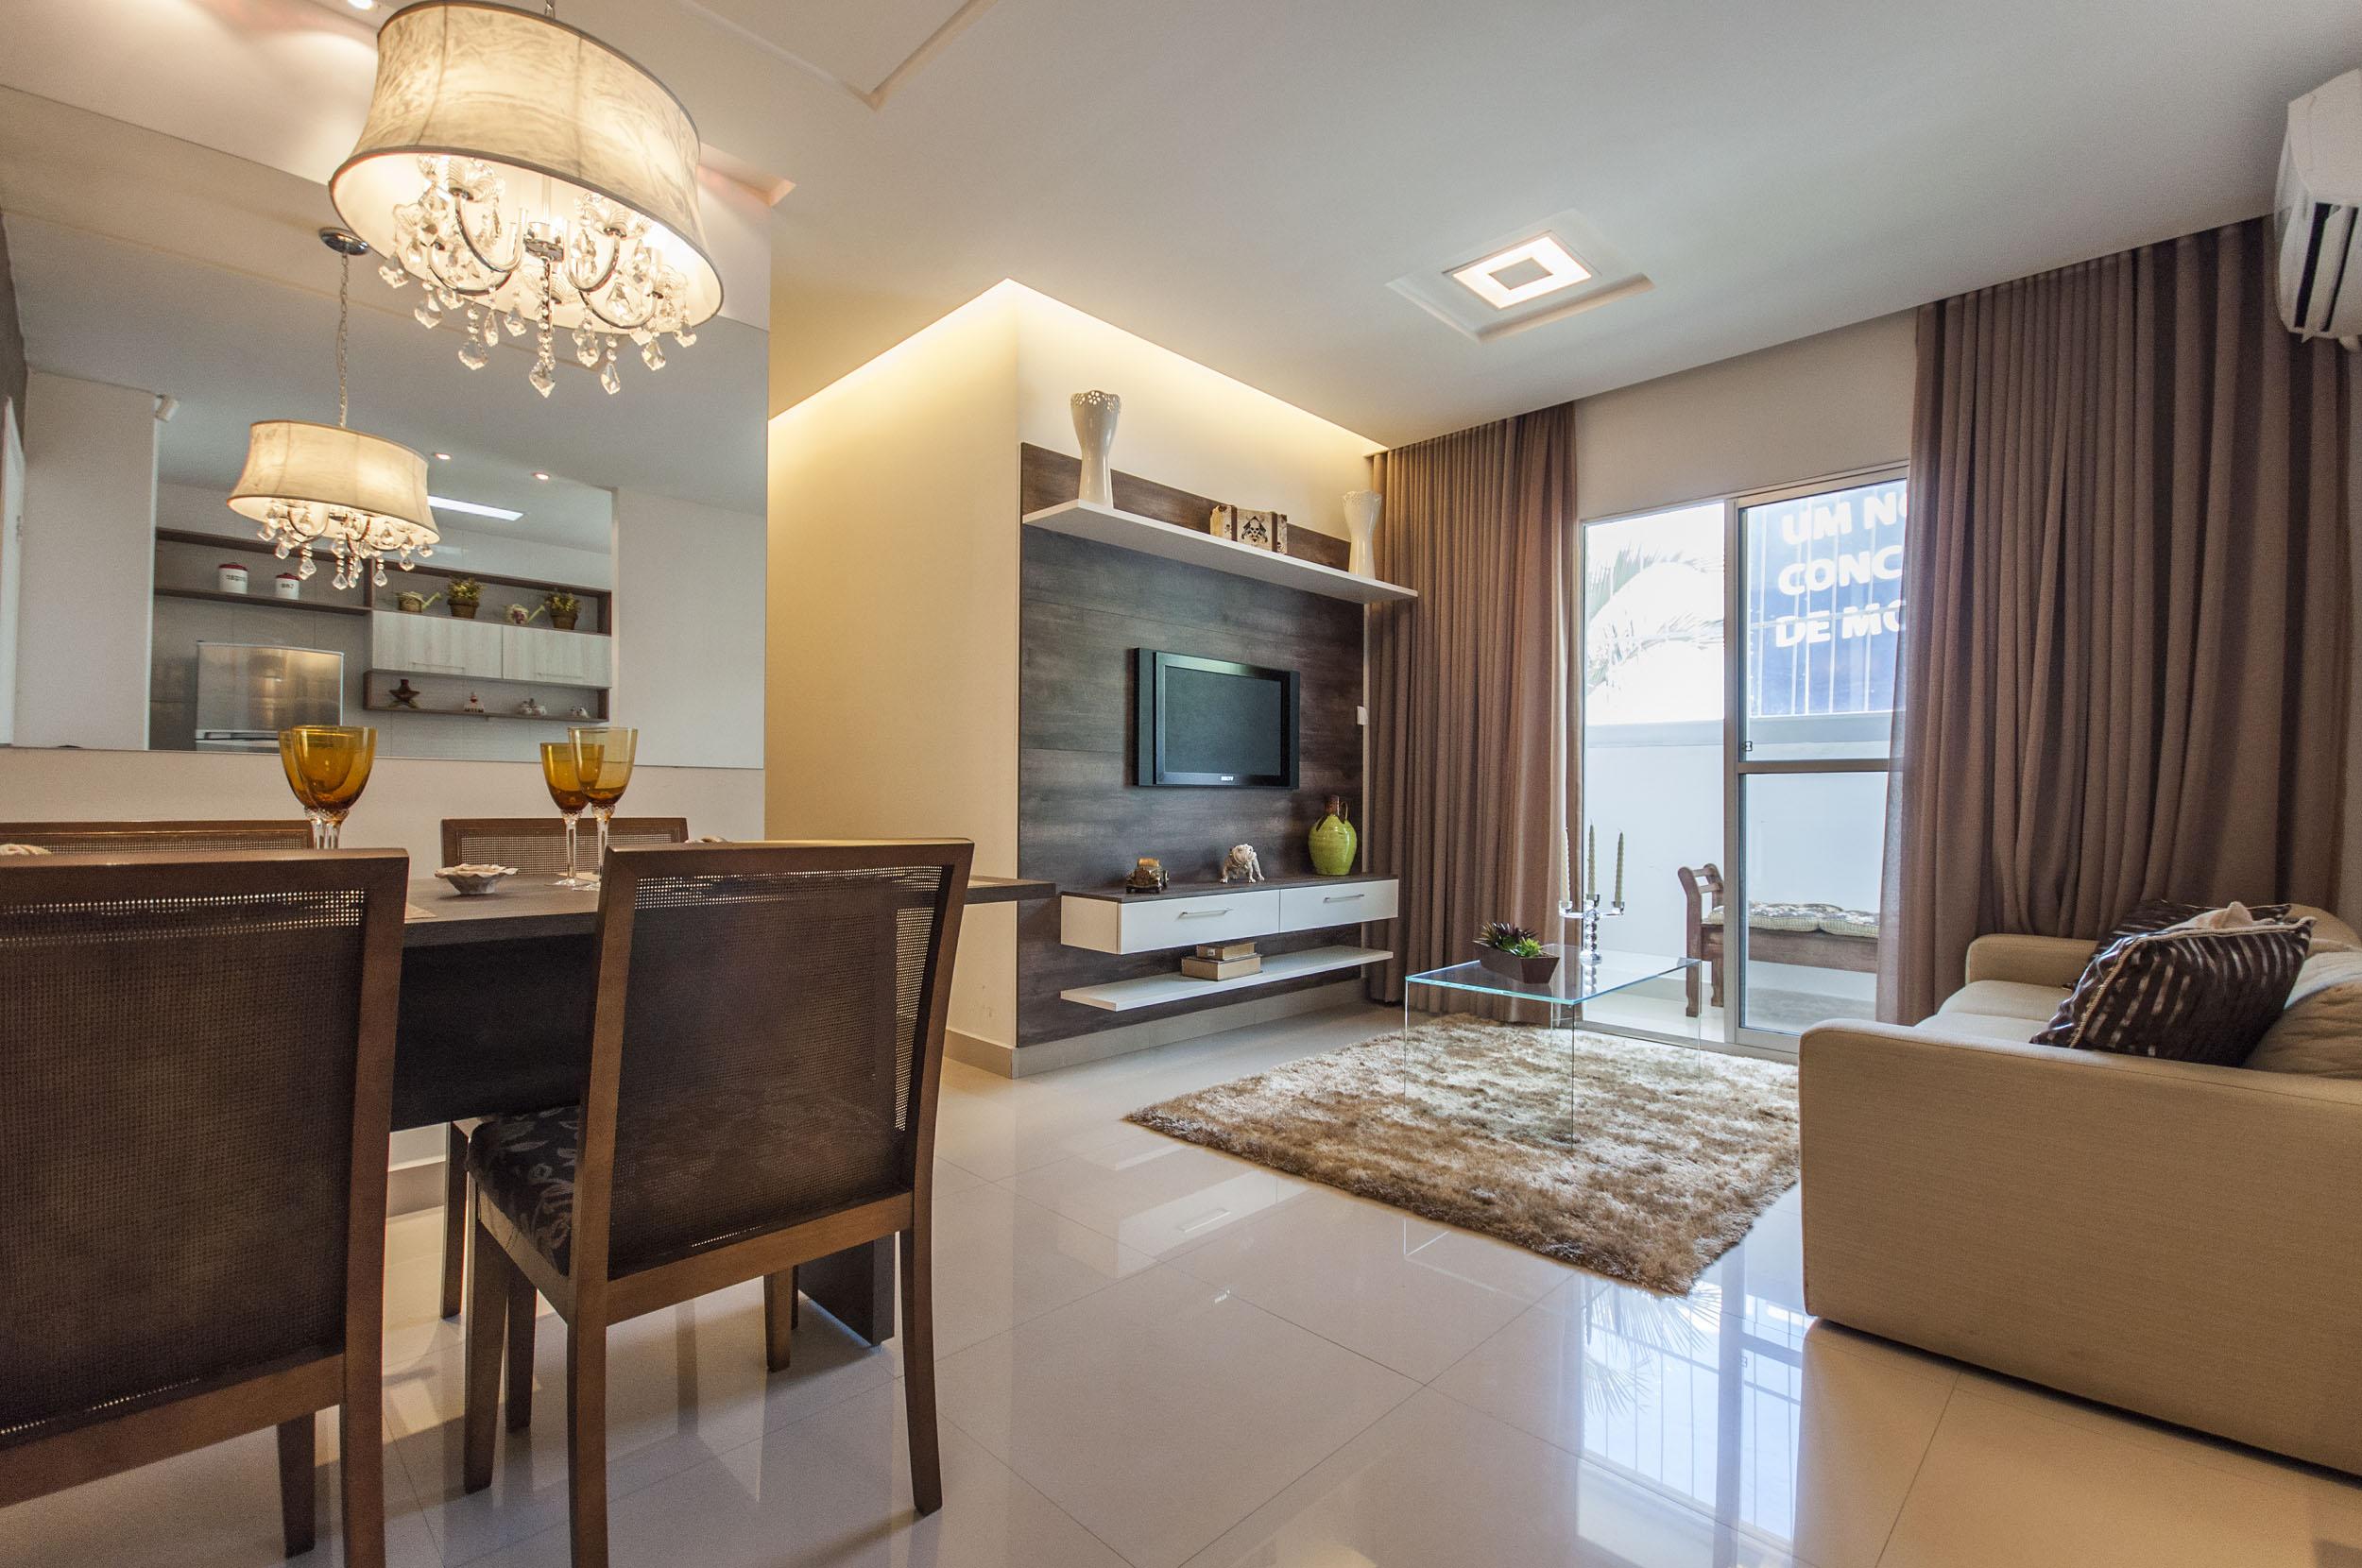 #876C44  Mercado Imobiliário e lançamentos de apartamentos e casas 2500x1660 píxeis em Como Decorar Sala De Jantar Em Apartamento Pequeno